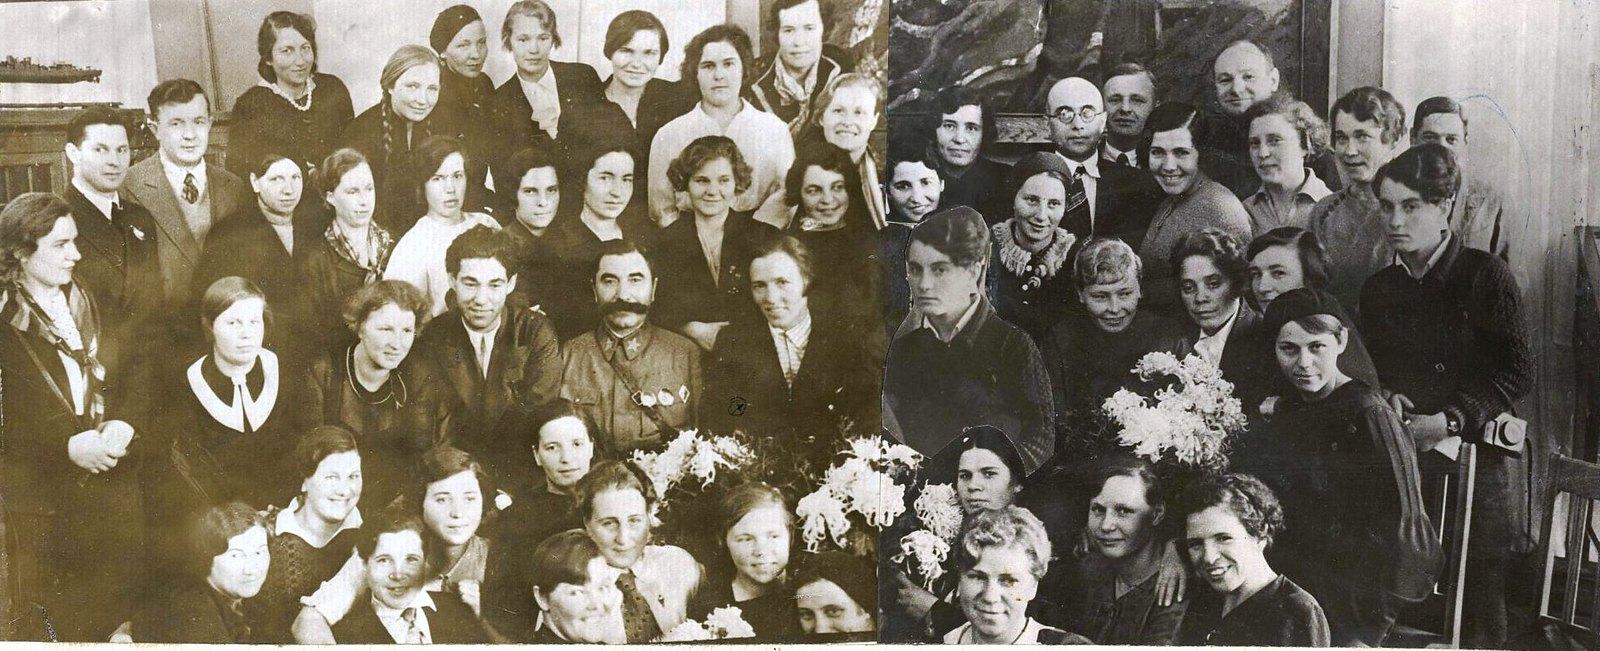 41. Приём участниц пробега в Министерстве обороны СССР